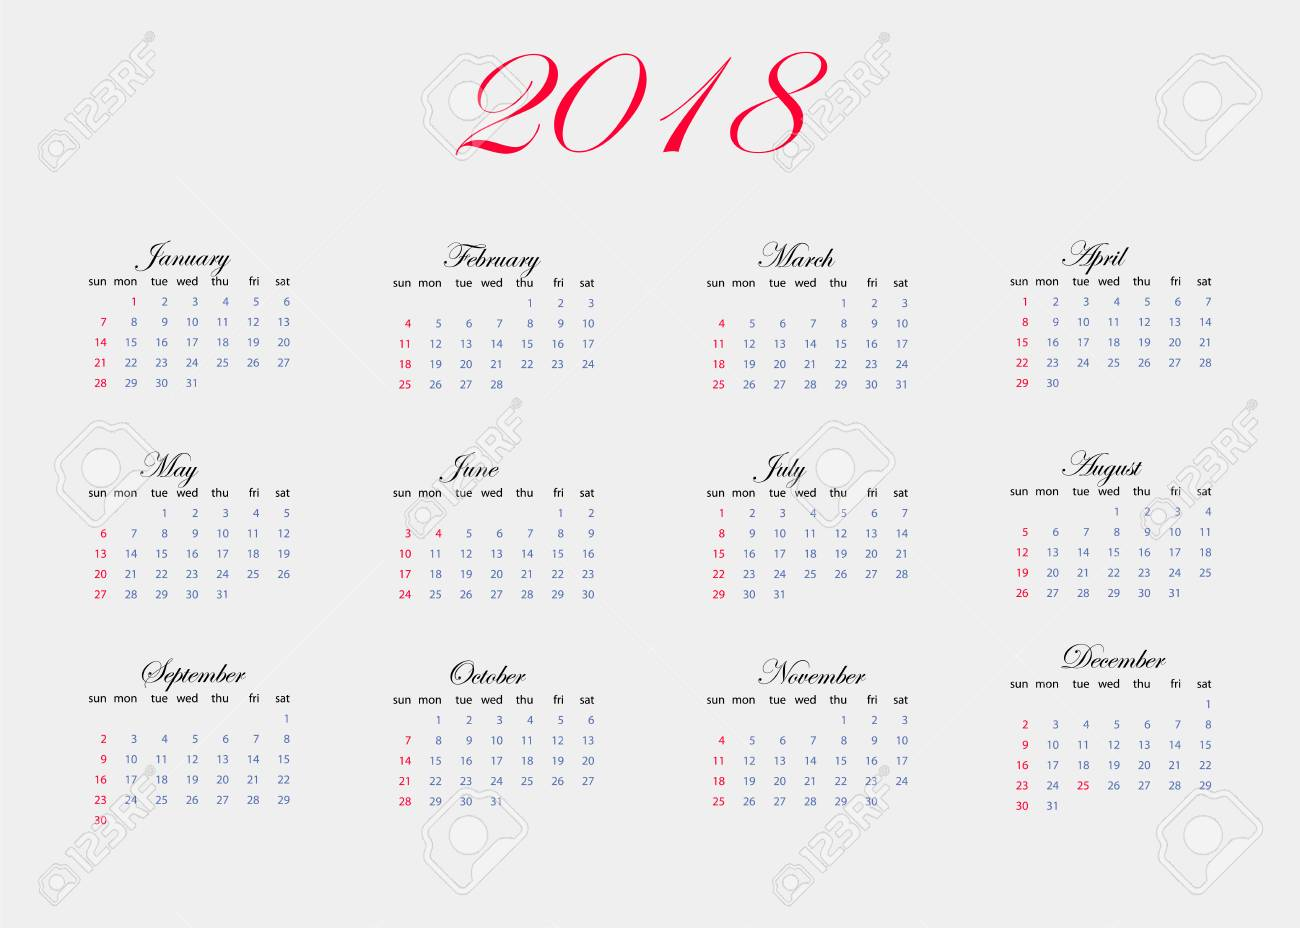 Calendario 12 Mesi.Immagine Vettoriale Del Calendario Per 2018 Anni Il Calendario E Incluso 12 Mesi All Anno